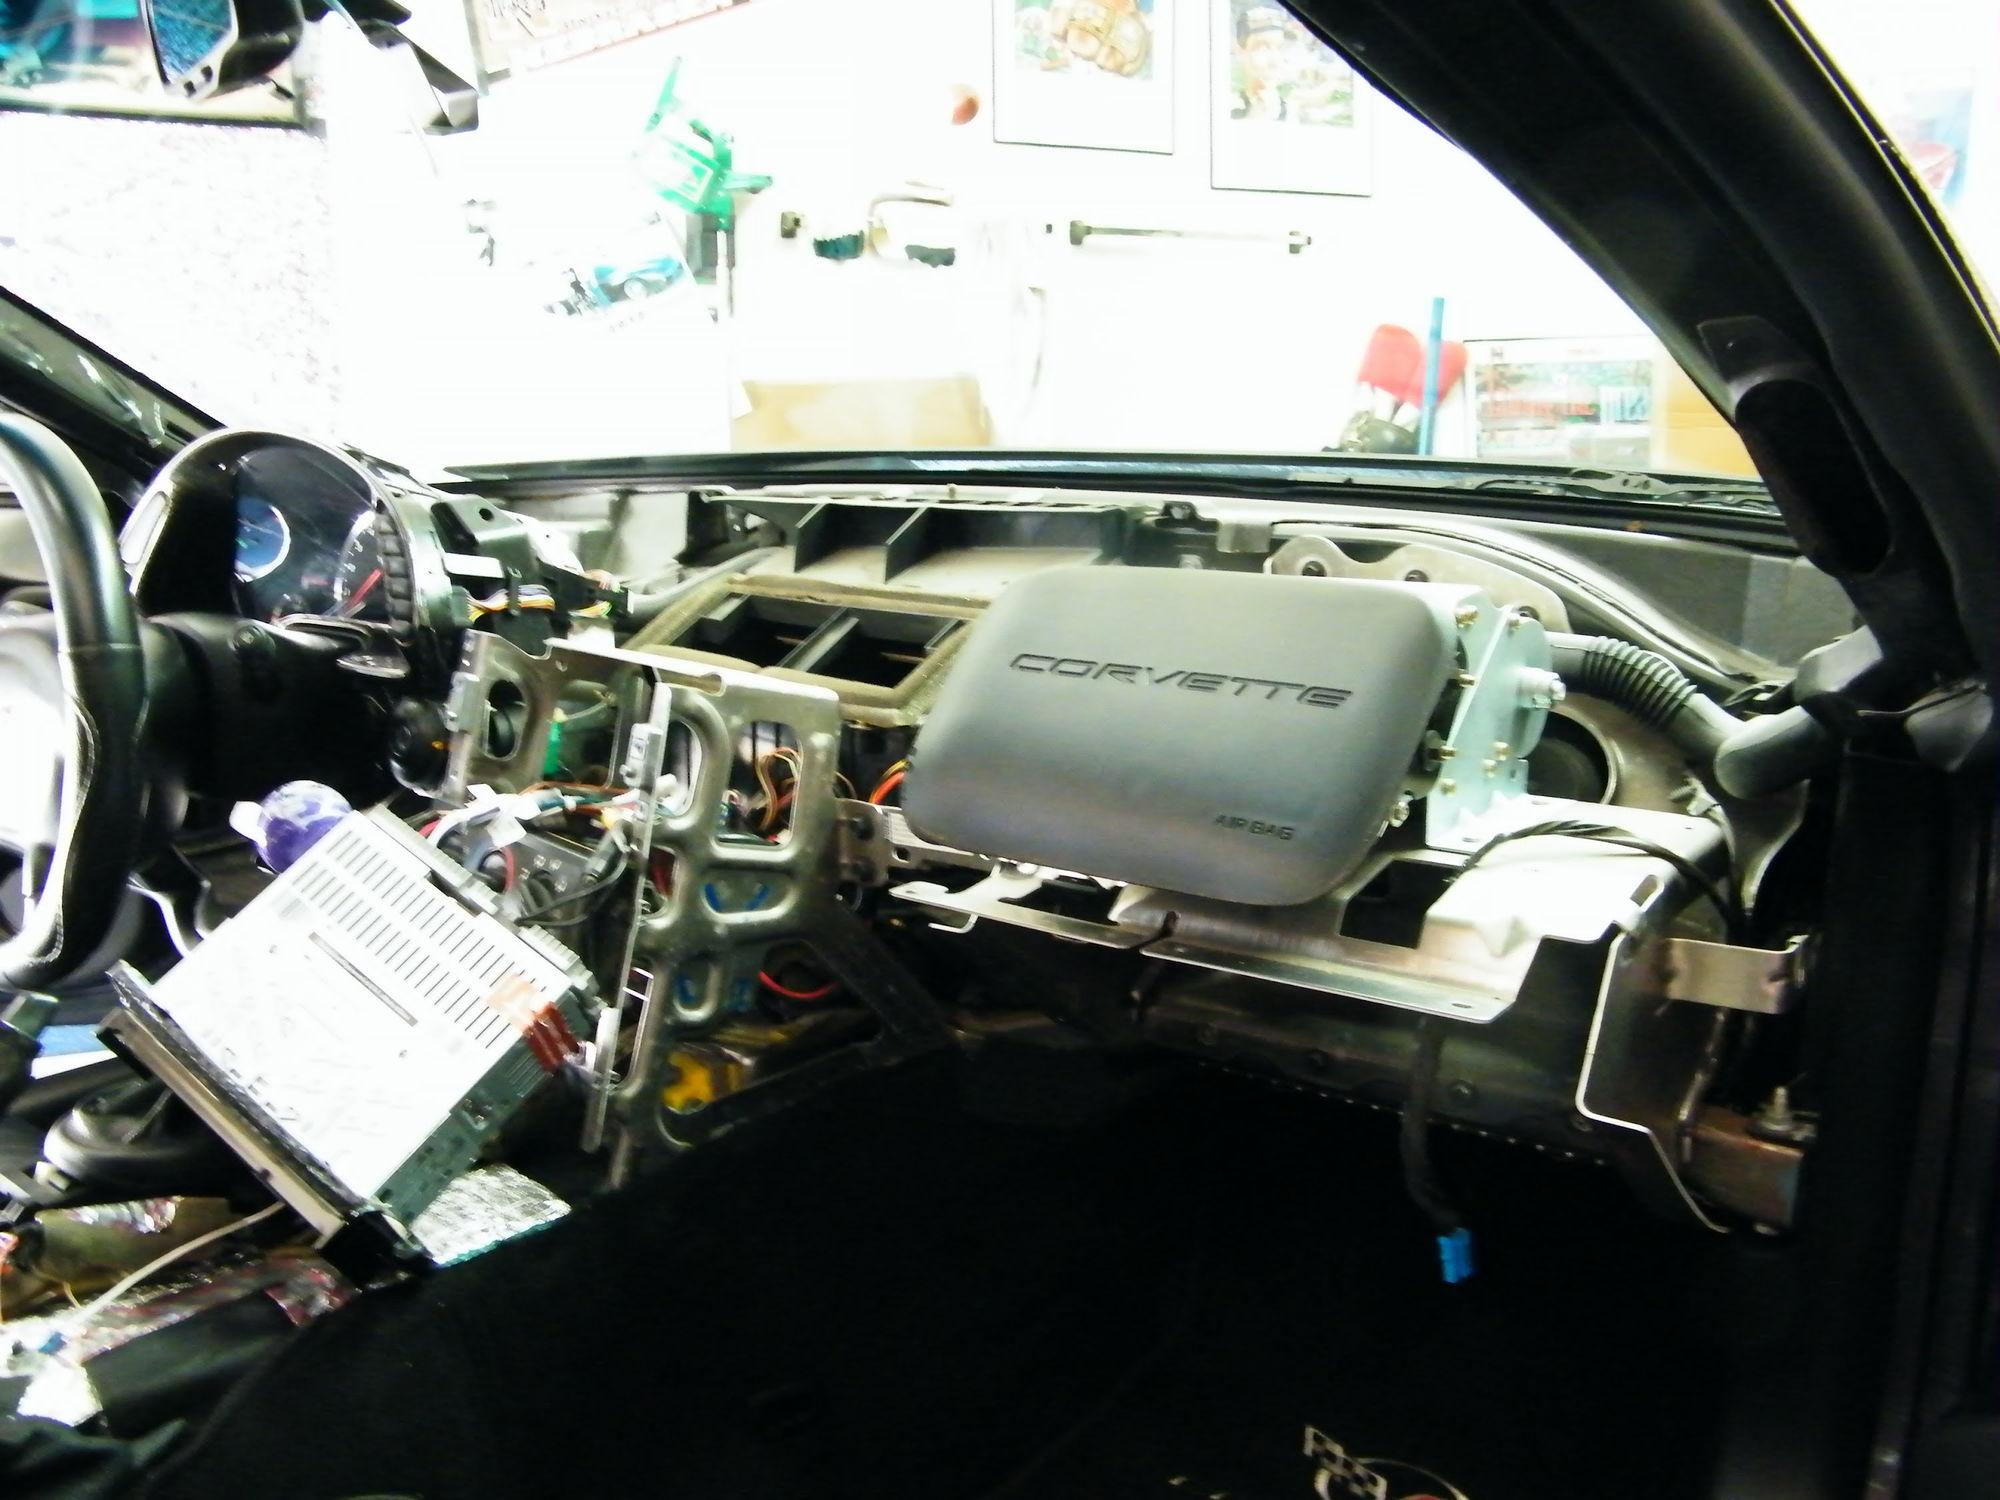 1999 Console Corvette C5